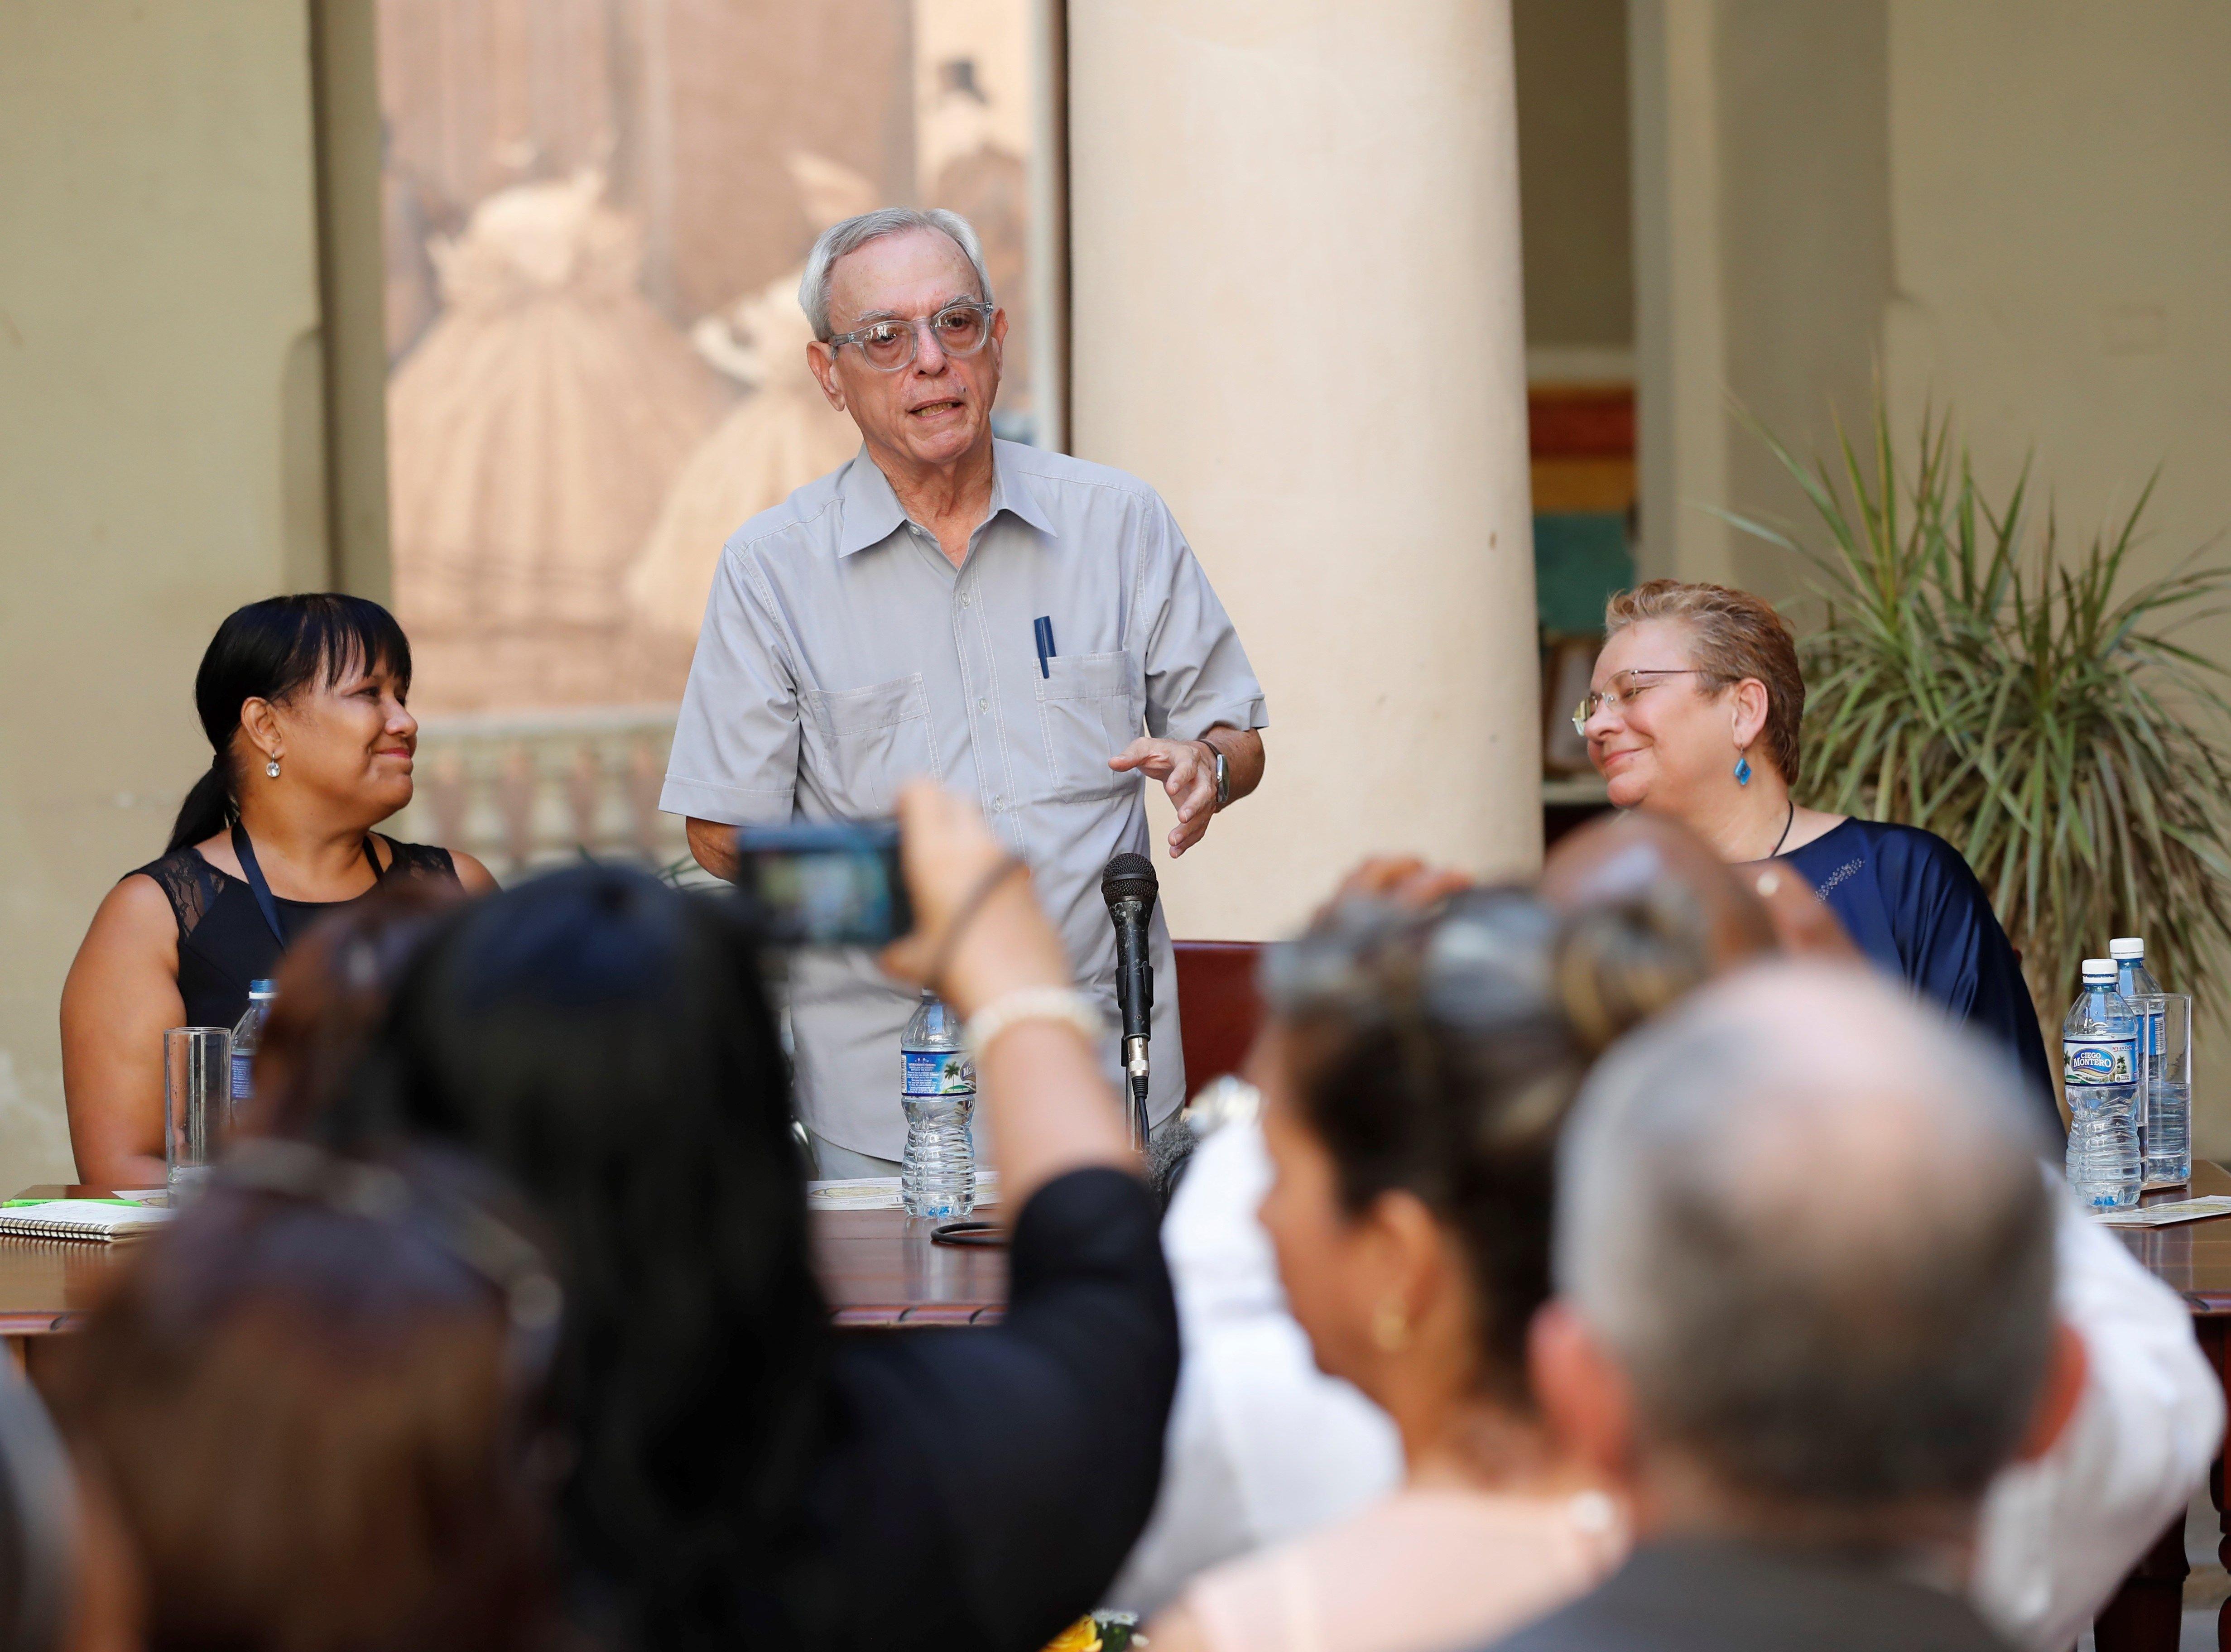 El historiador de La Habana, Eusebio Leal (c), habla durante la ceremonia oficial de inscripción de las Actas del Ayuntamiento de la Habana (período colonial 1550-1898) en el Registro Regional del Programa Memoria del Mundo de la UNESCO, este martes, en La Habana. Foto: Ernesto Mastrascusa / EFE.